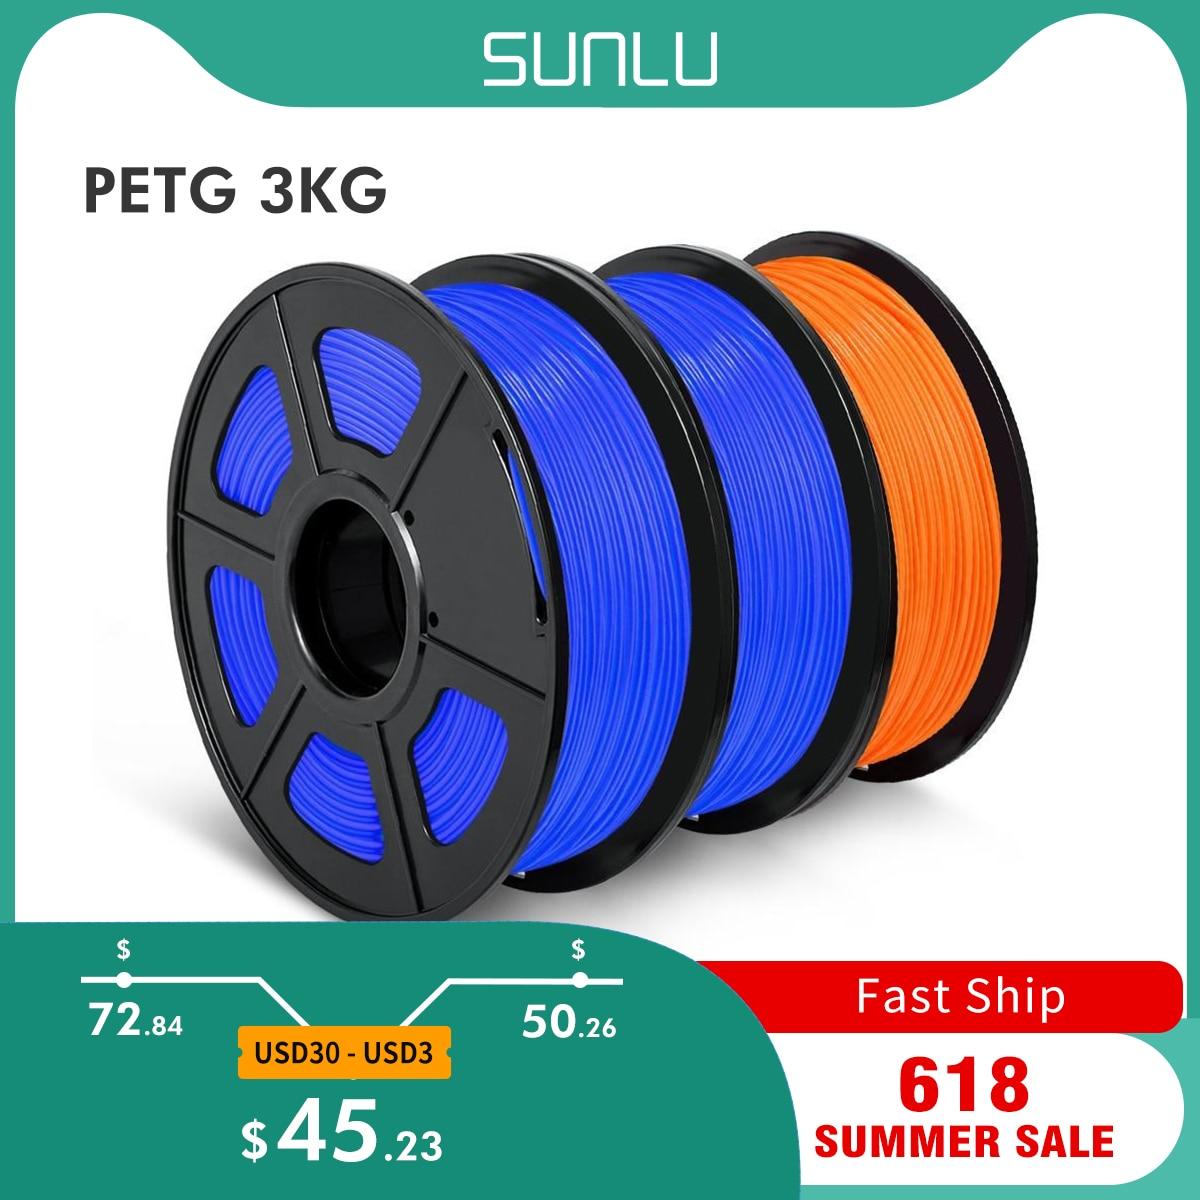 Филамент SUNLU PETG 1 кг 1,75 мм FDM 3 рулона/комплект Материал для 3D-принтера с катушкой высокопрочный нетоксичный 100% без пузырьковых нитей